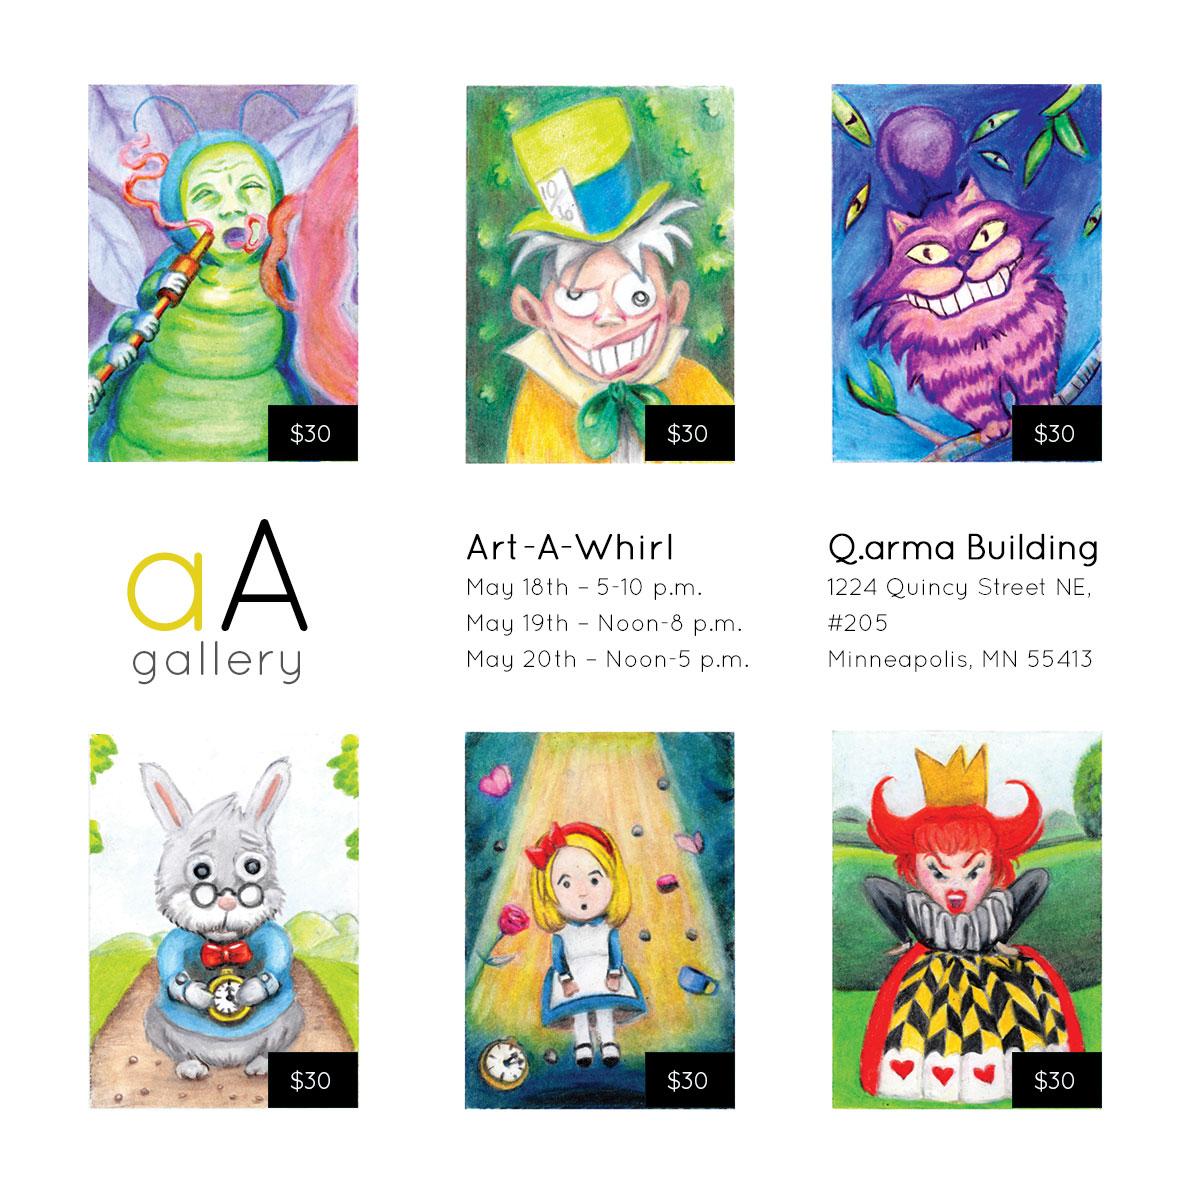 Art-A-Whirl 2018